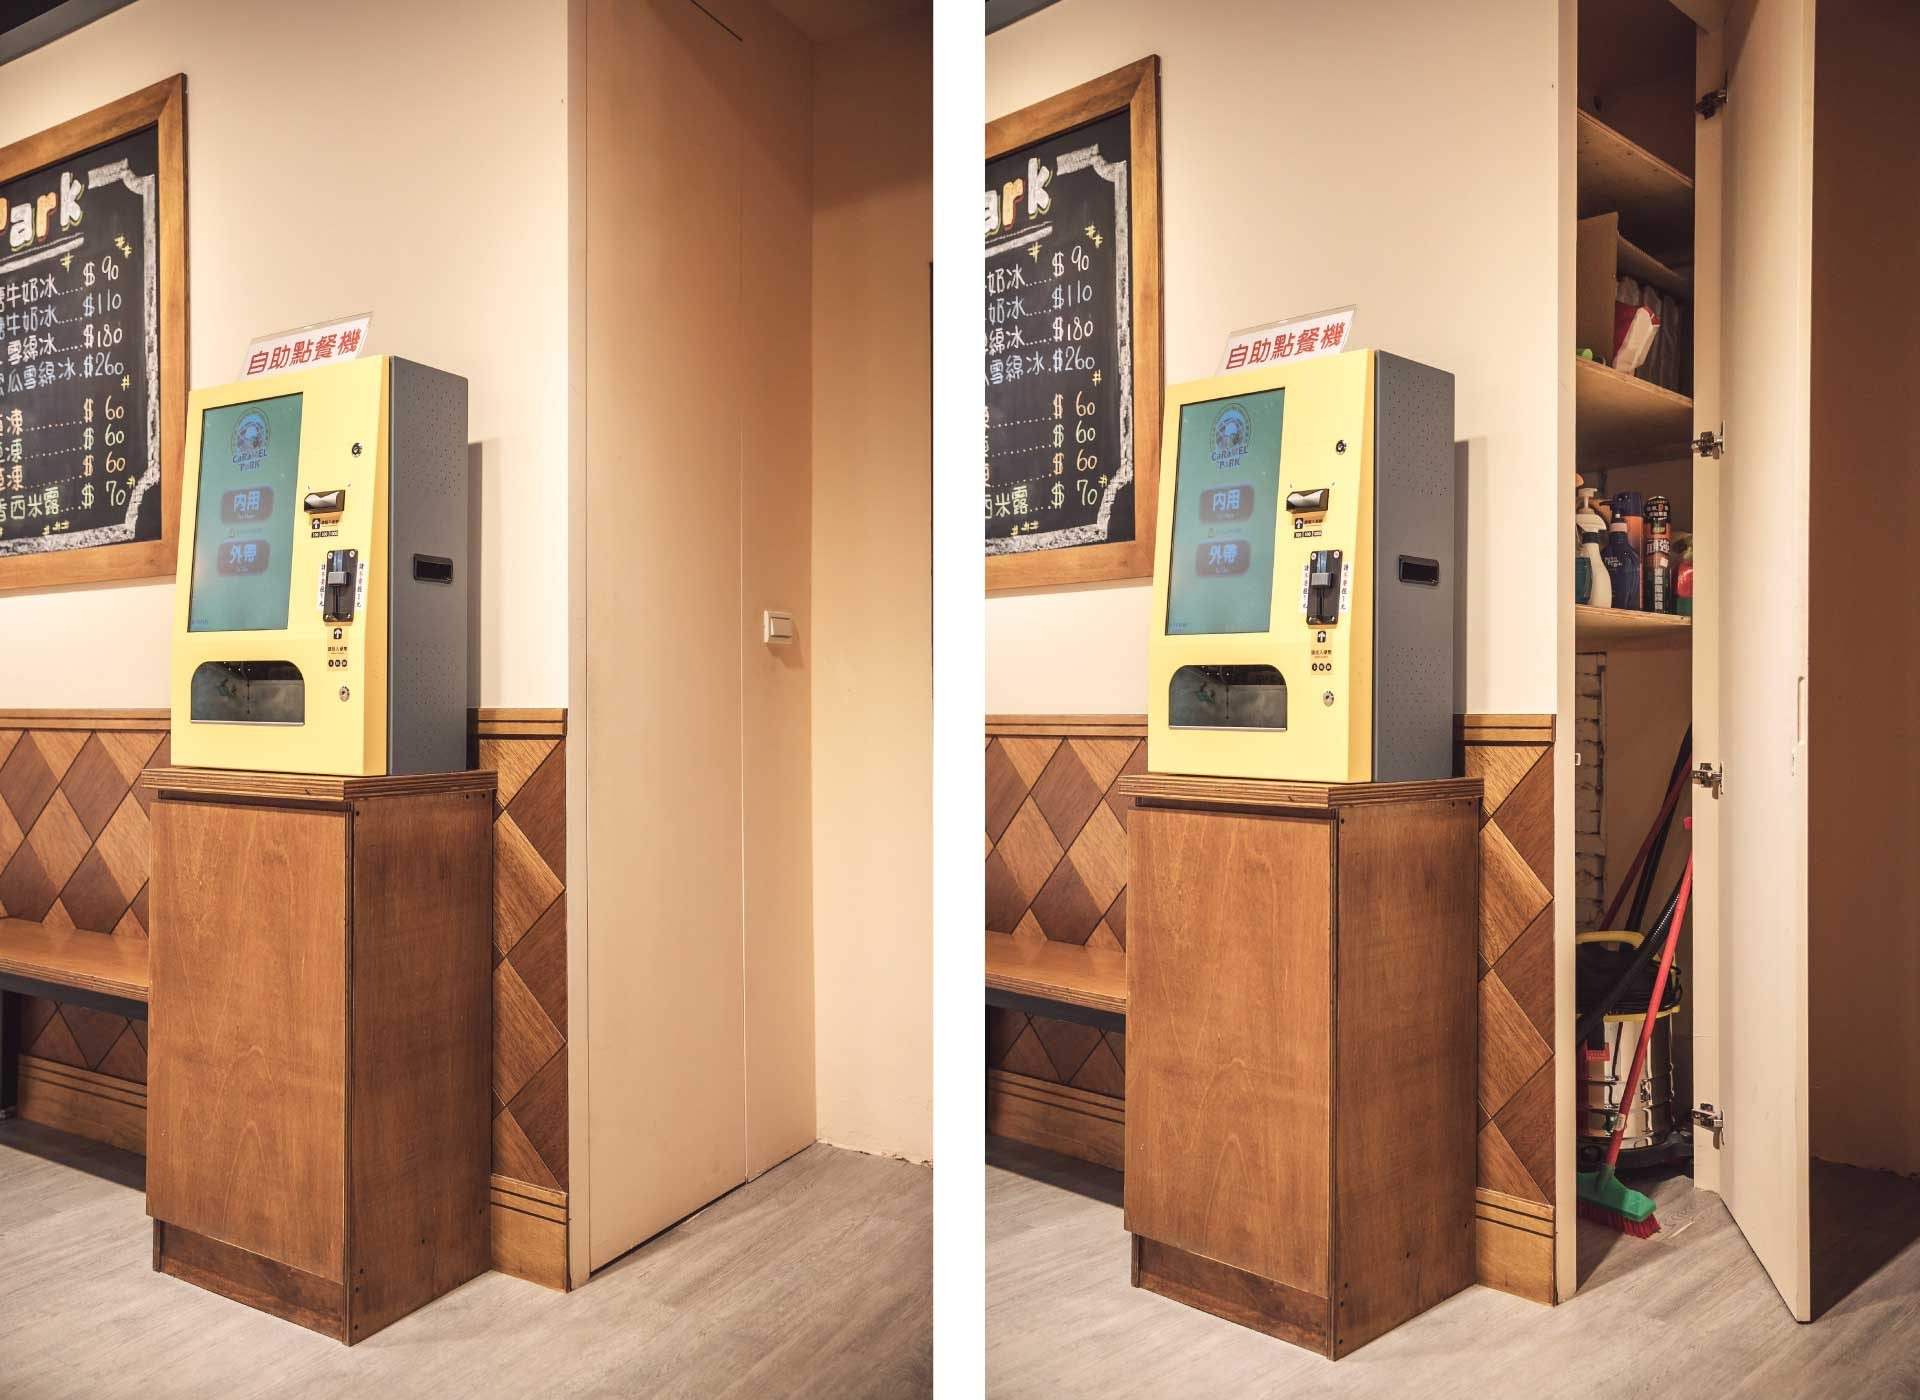 工具櫃暗門(左:開啟前、右:開啟後)